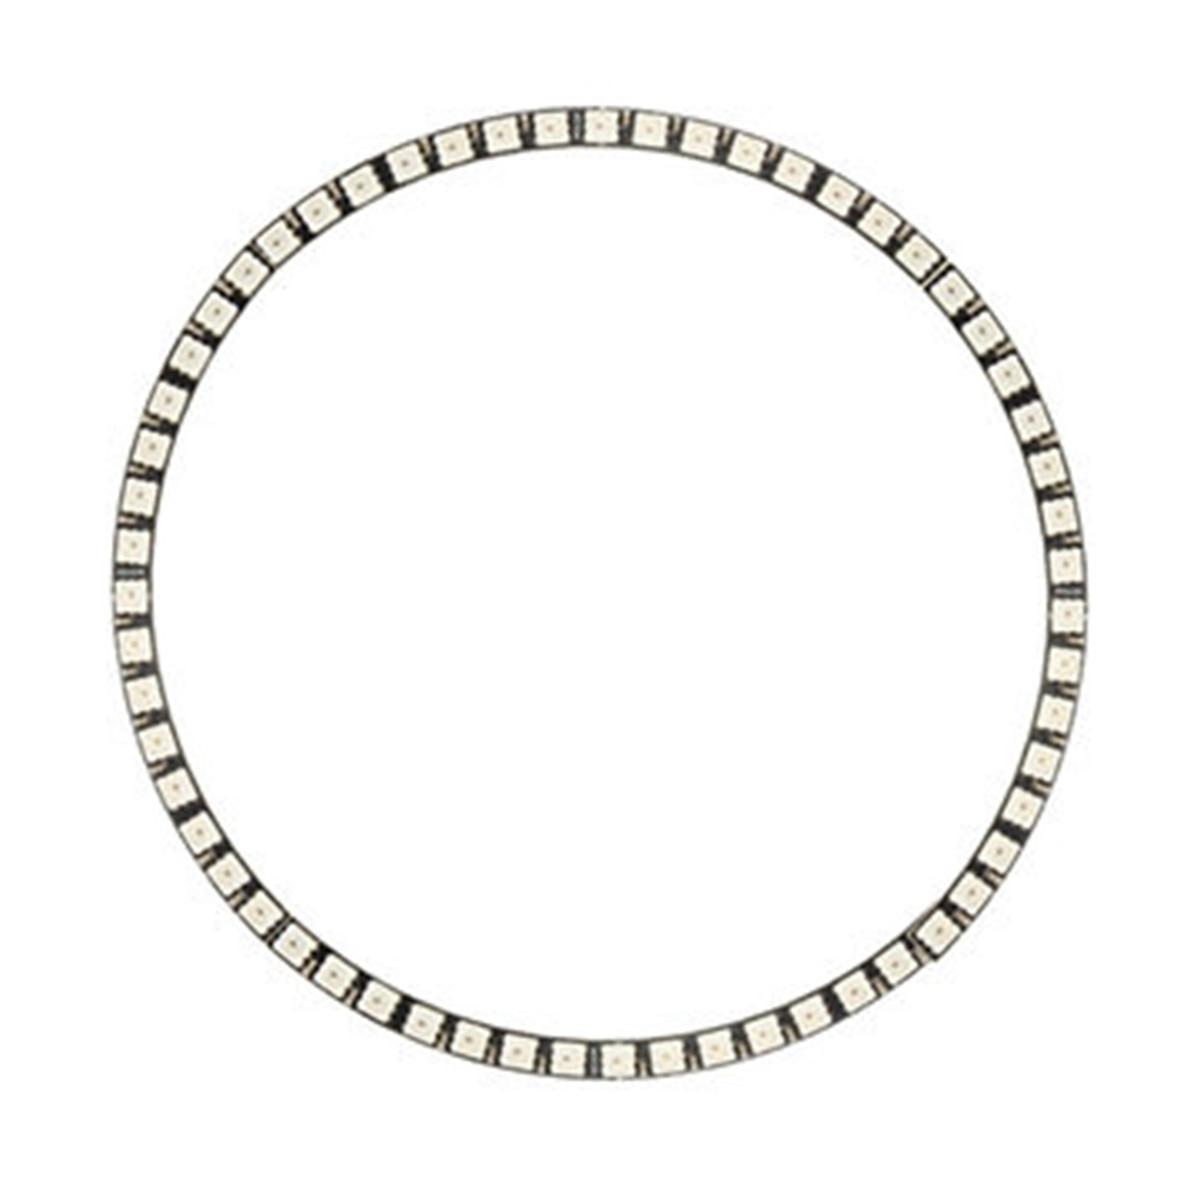 Кольцо светодиодные лампы Настенные часы 60led WS2812 5050 SMD RGB светодиодные лампы Панель для Arduino 5 В 1A